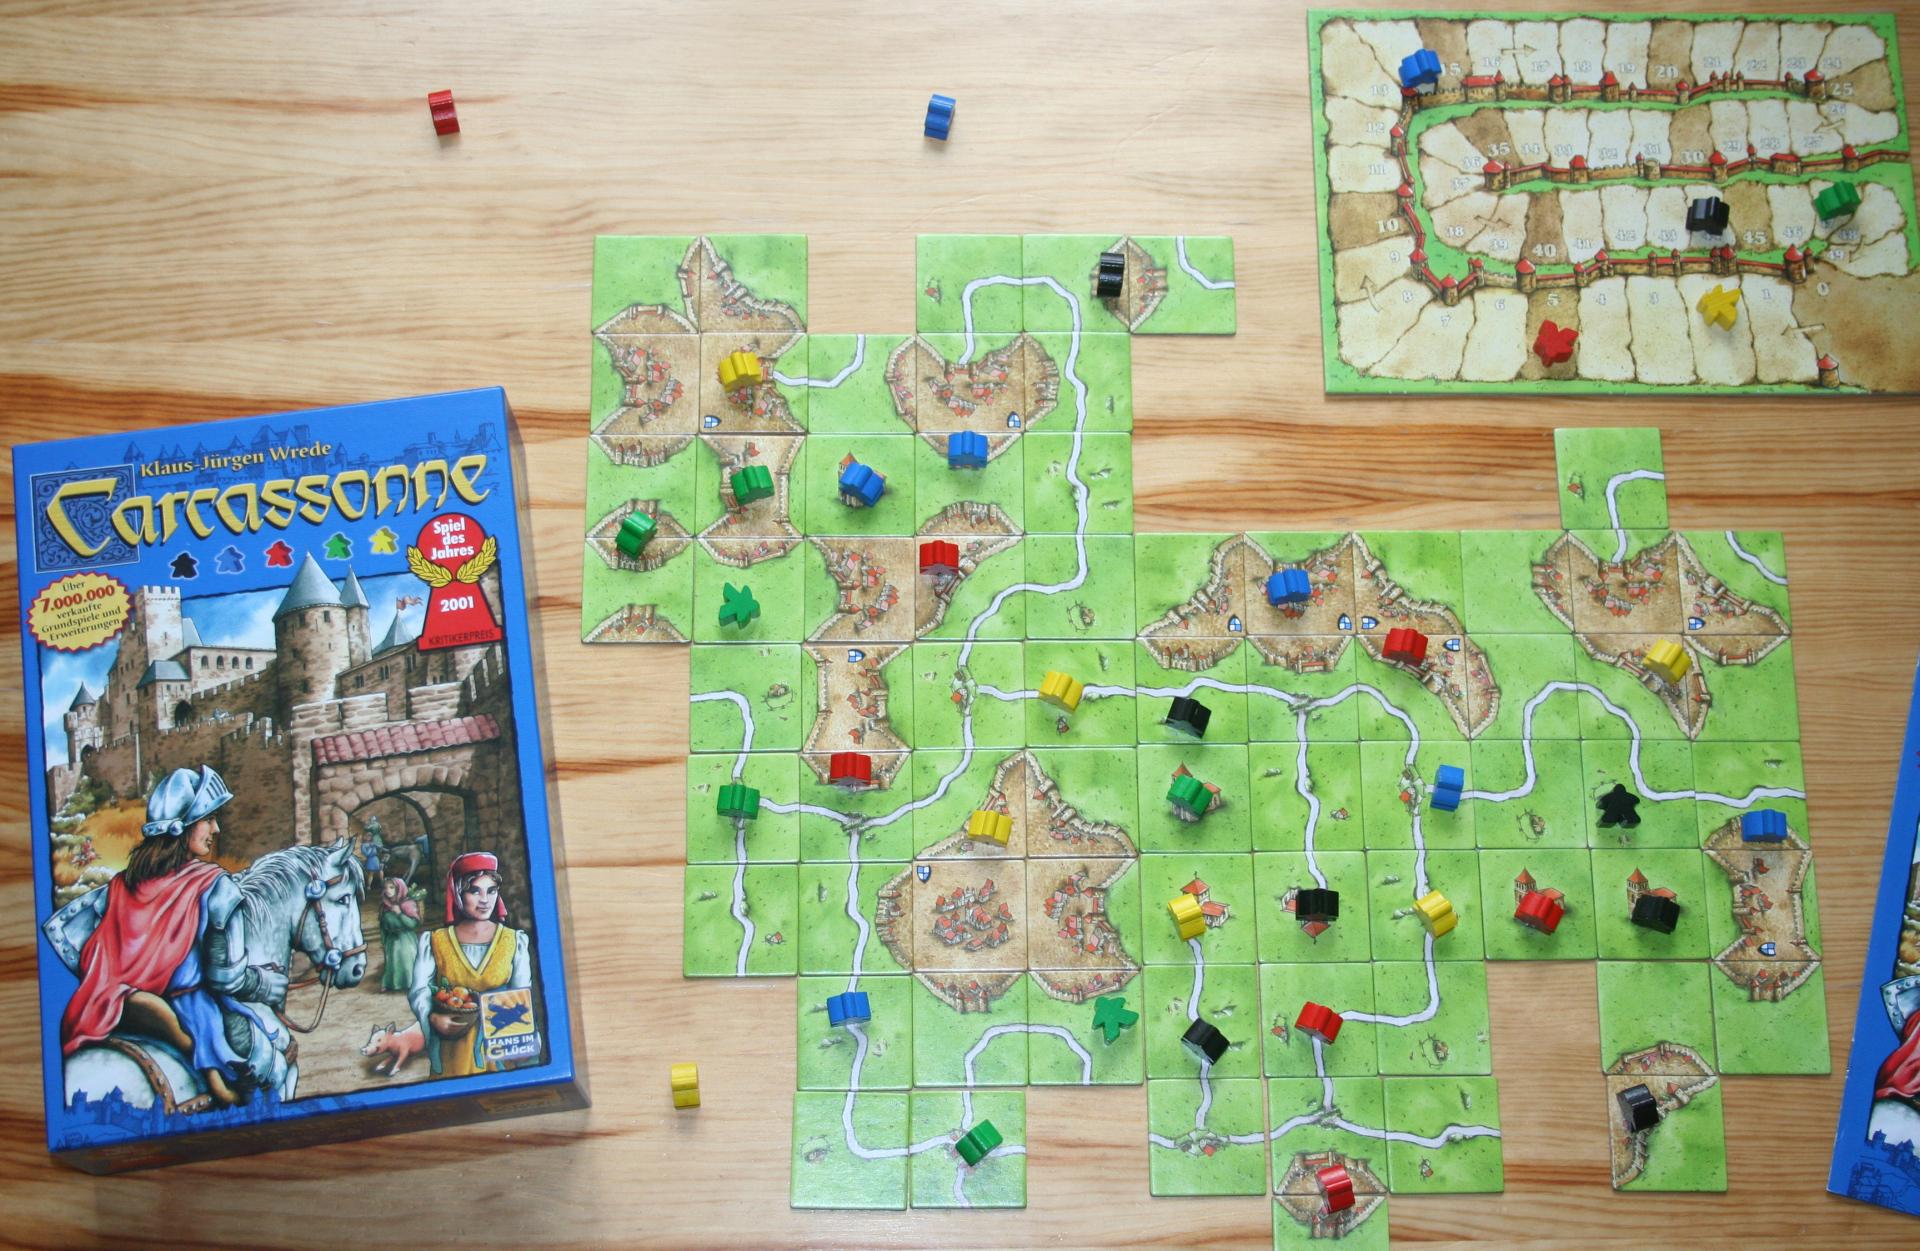 Carcassonne (Spiel)